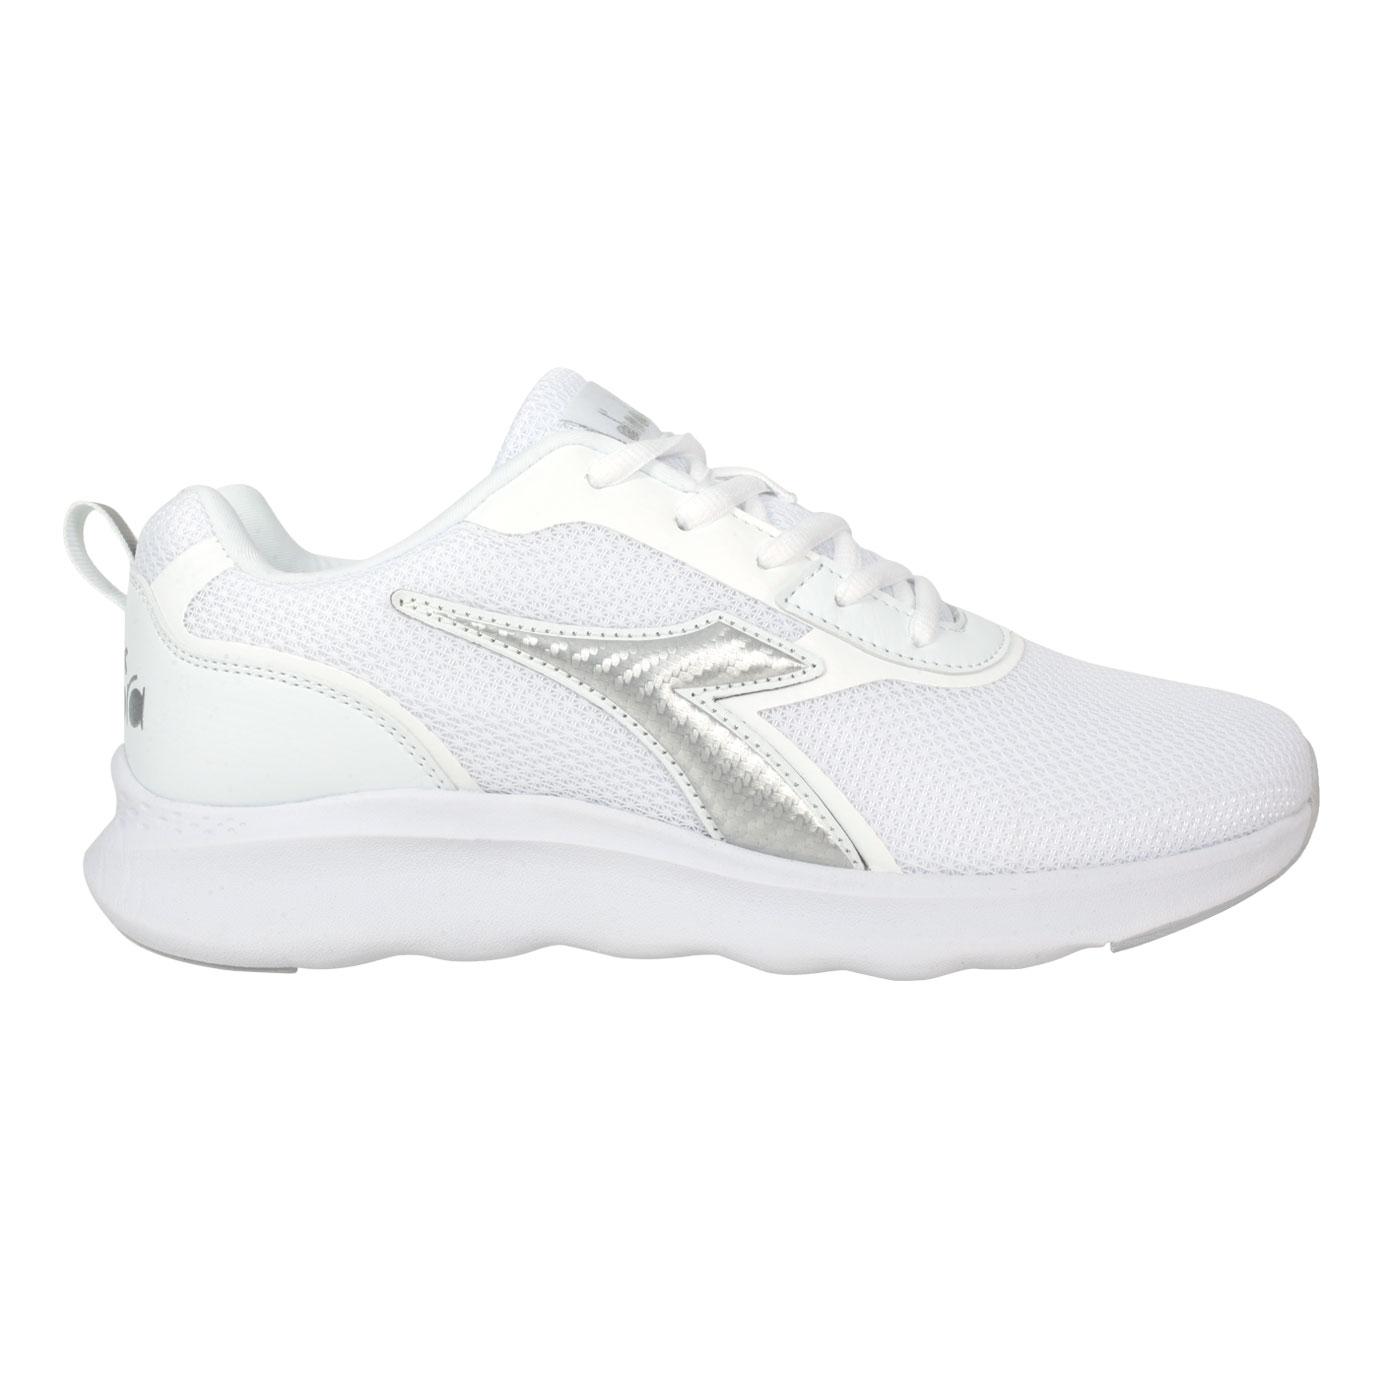 DIADORA 男段運動鞋 DA71186